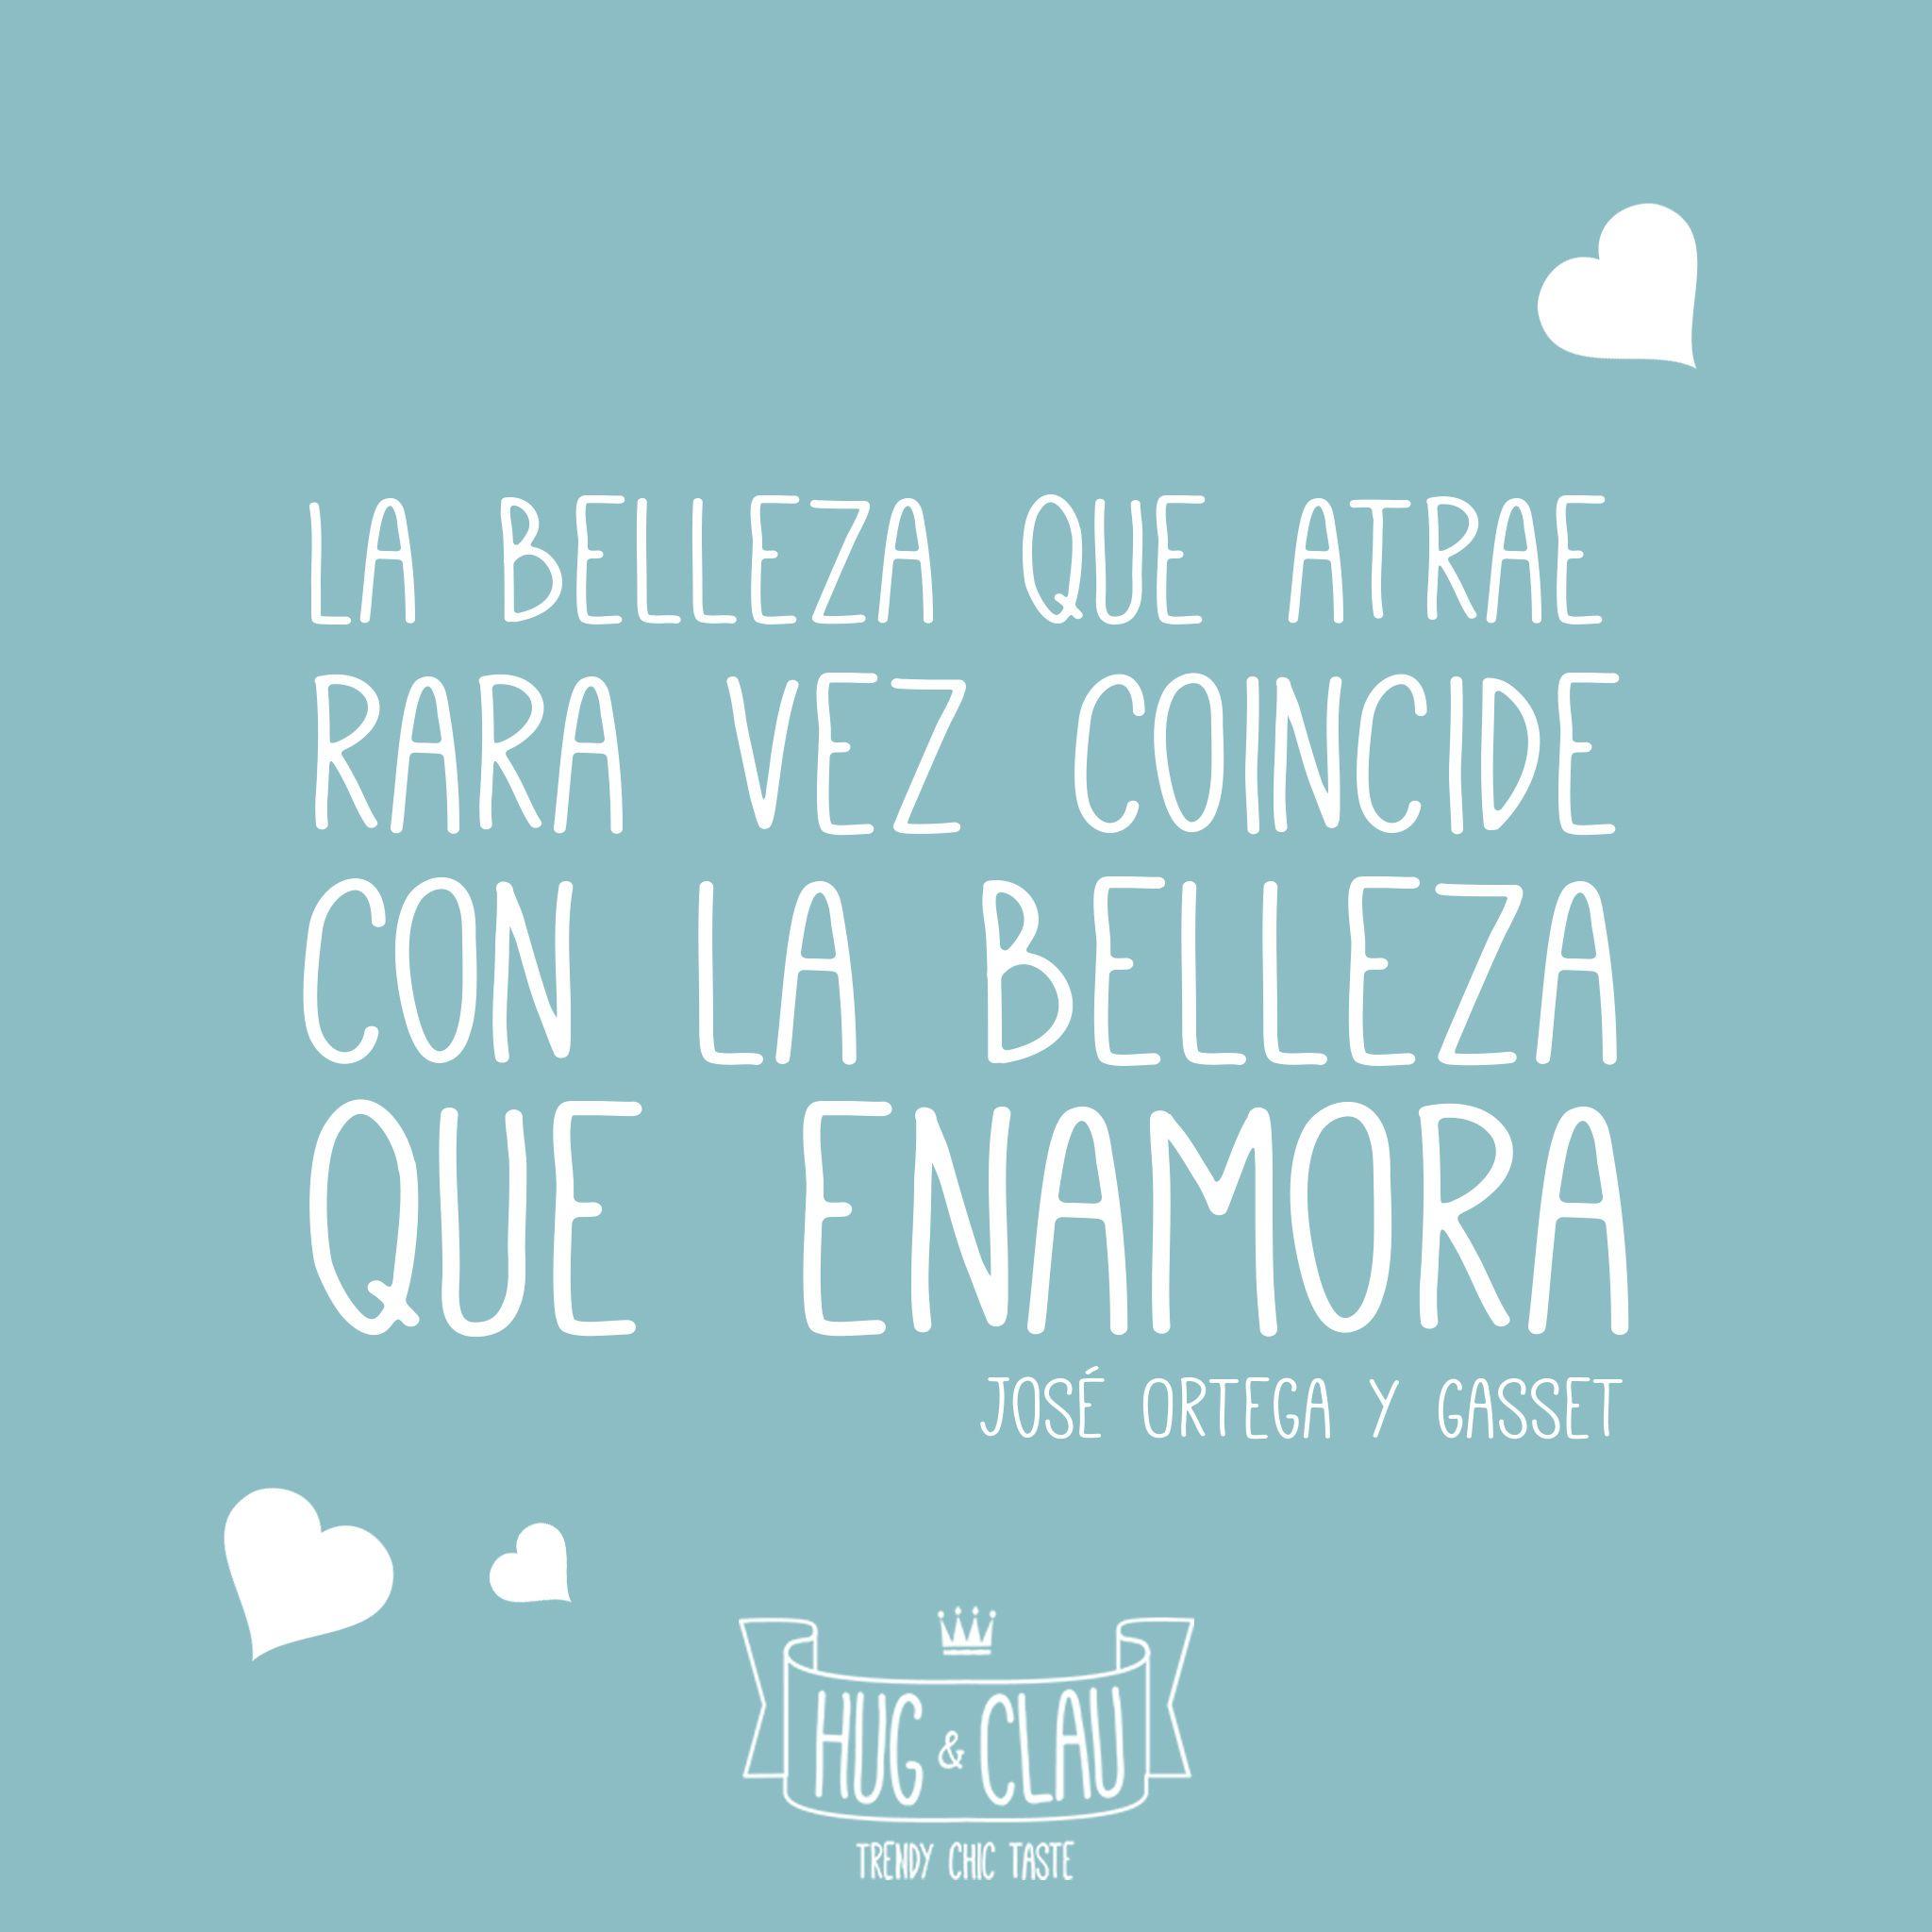 Enamórate y enamorarás... ¡Feliz Jueves! Equipo #Hugandclau  #Frases #motivación #frases #frasesHugAndClau #quote #quoteoftheday #GranVía2 #CCIslazul #CCTresAguas #CCH2O #CCMaxCenter